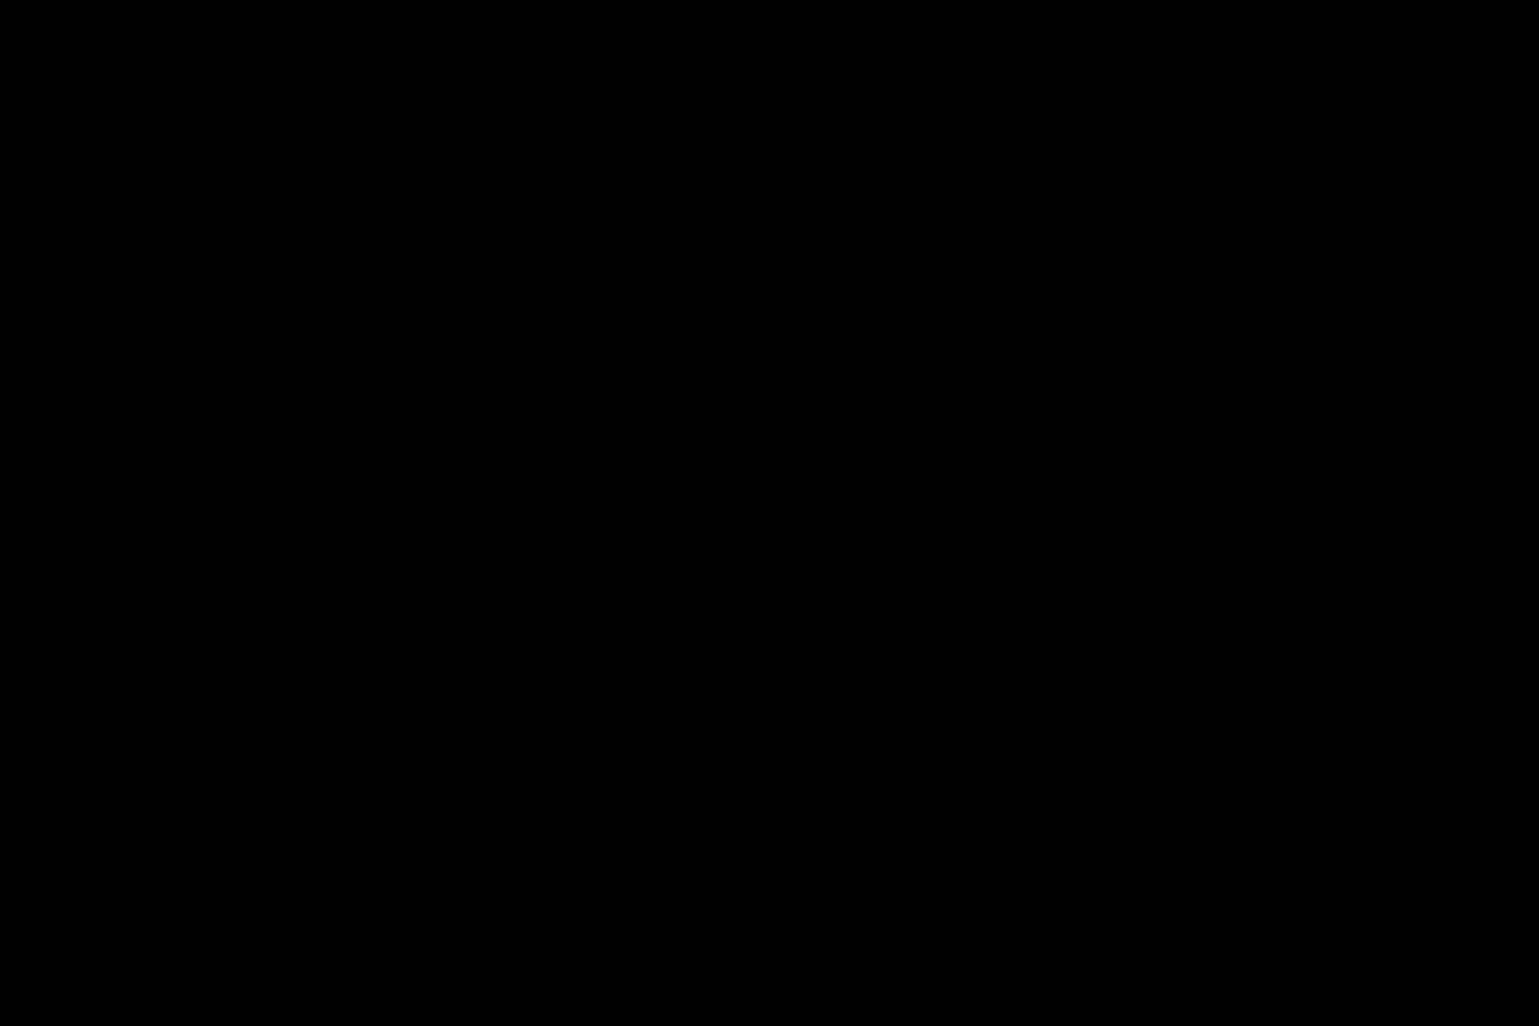 rnp7298-1-1